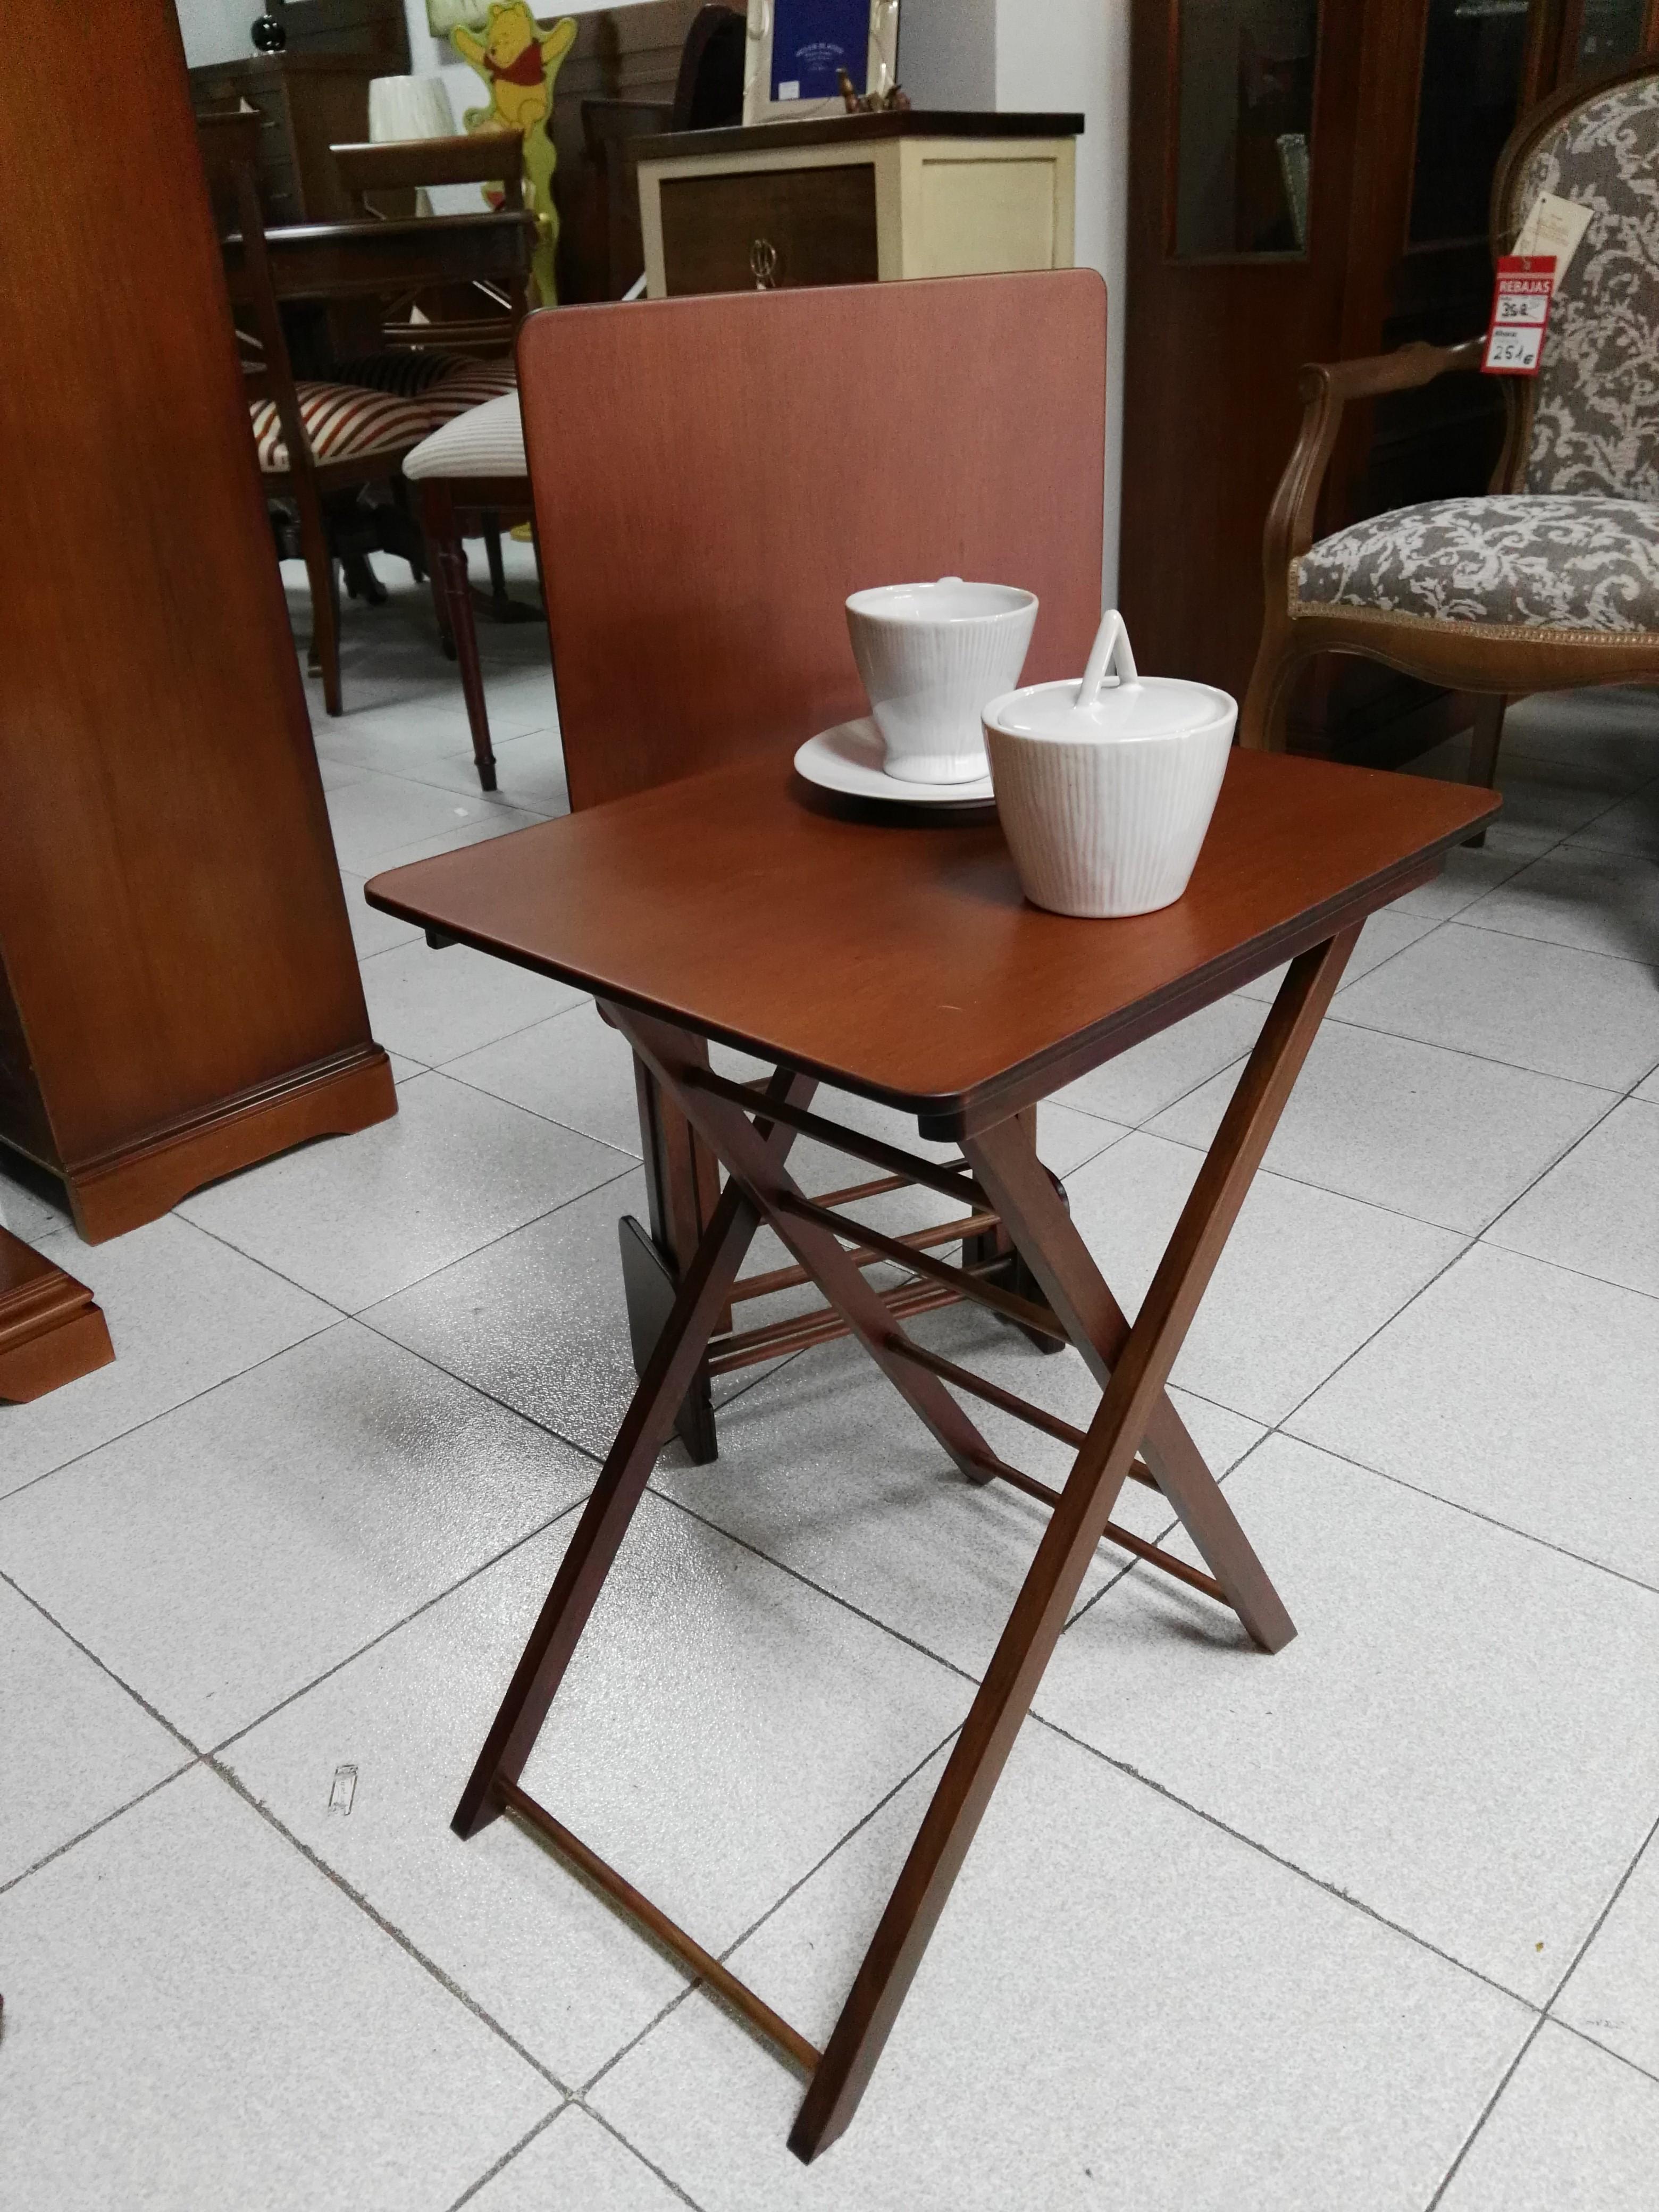 Juego 2 mesas plegables con soporte para guardarlas - Mesas plegables para salon ...